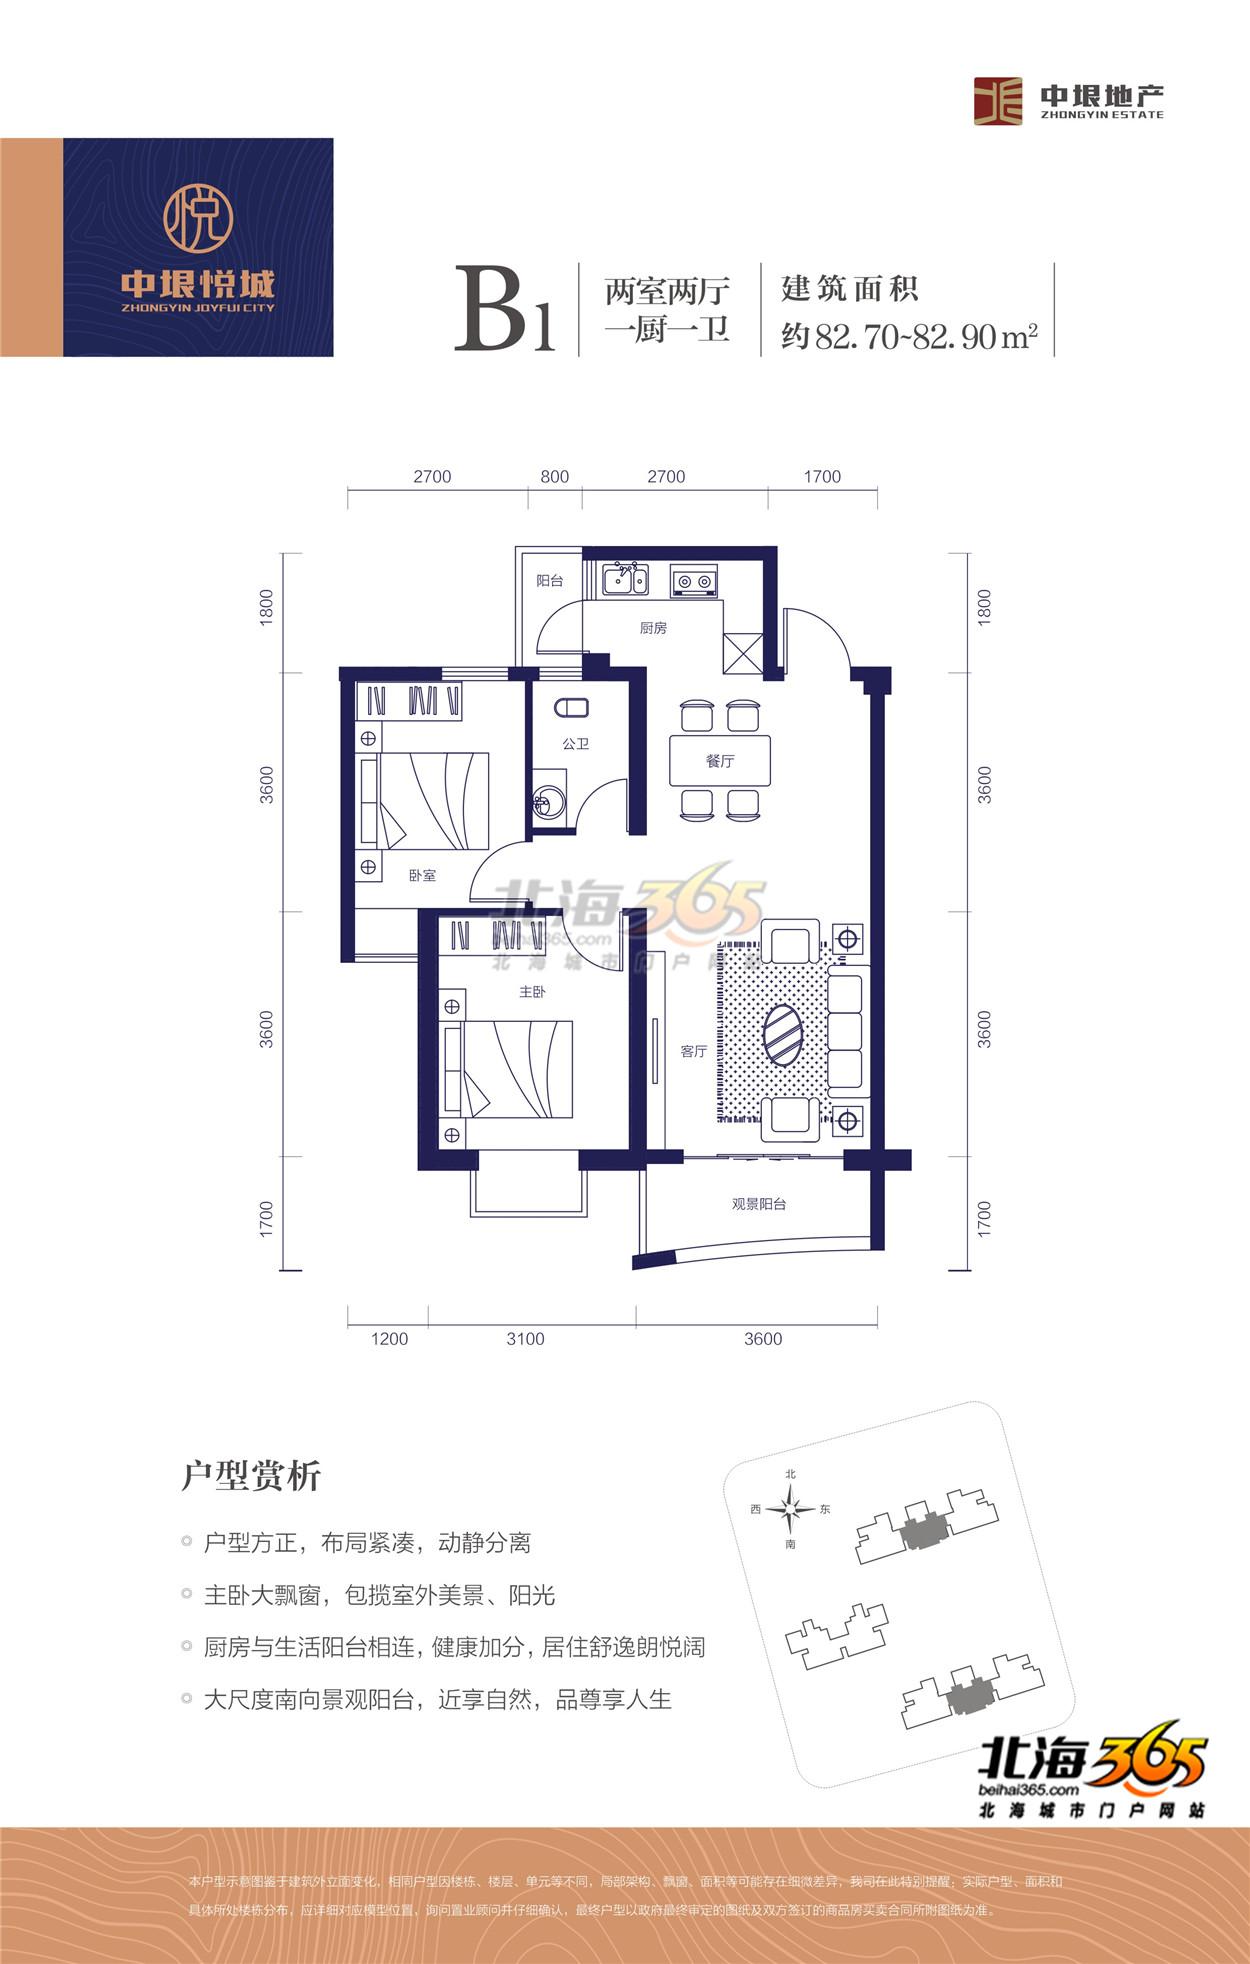 B1两室两厅一厨一卫